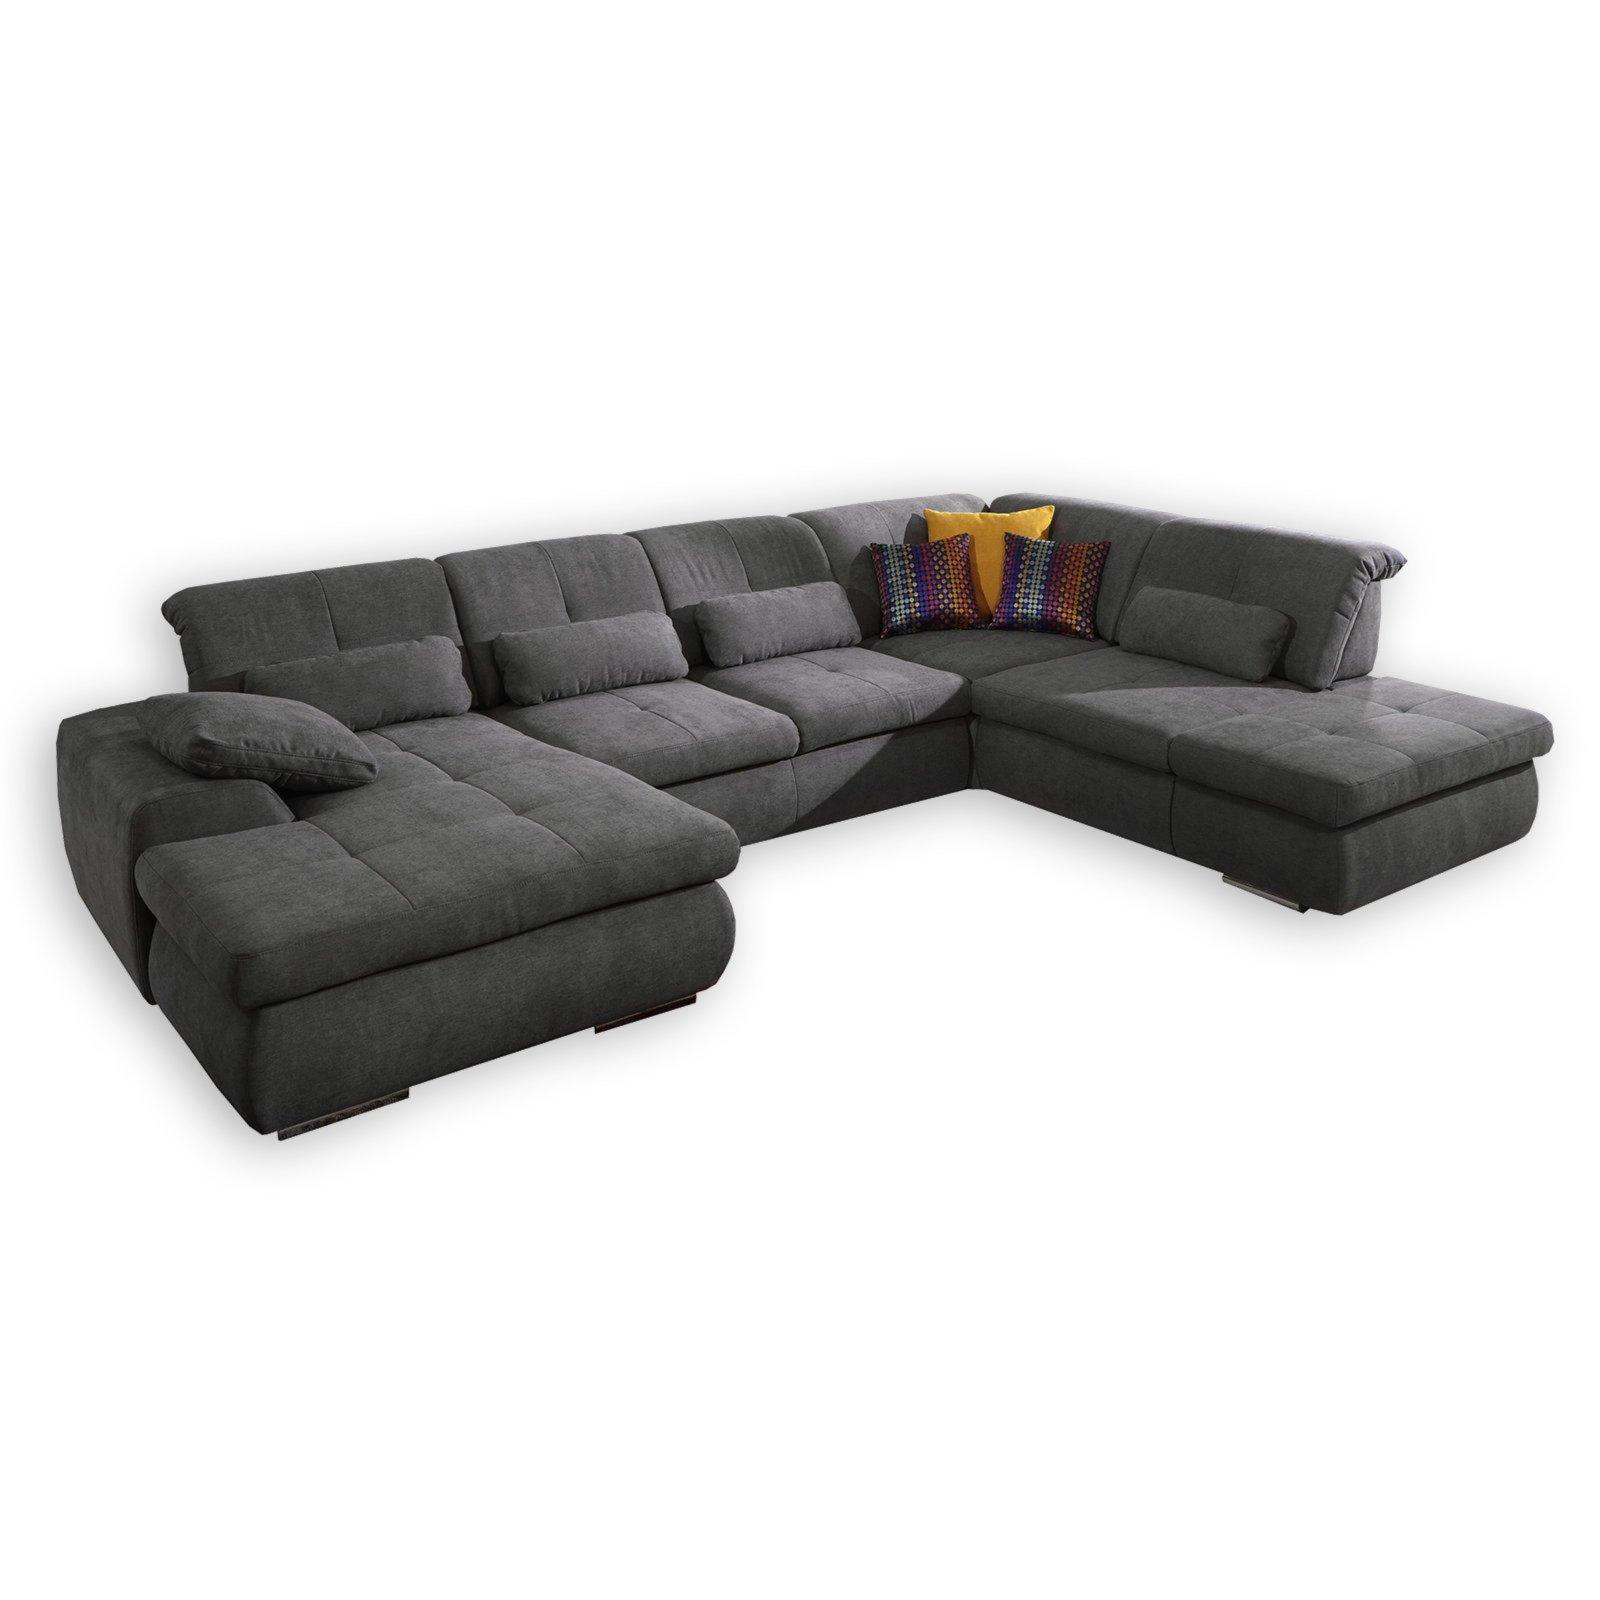 wohnlandschaft anthrazit mit relaxfunktion ebay. Black Bedroom Furniture Sets. Home Design Ideas